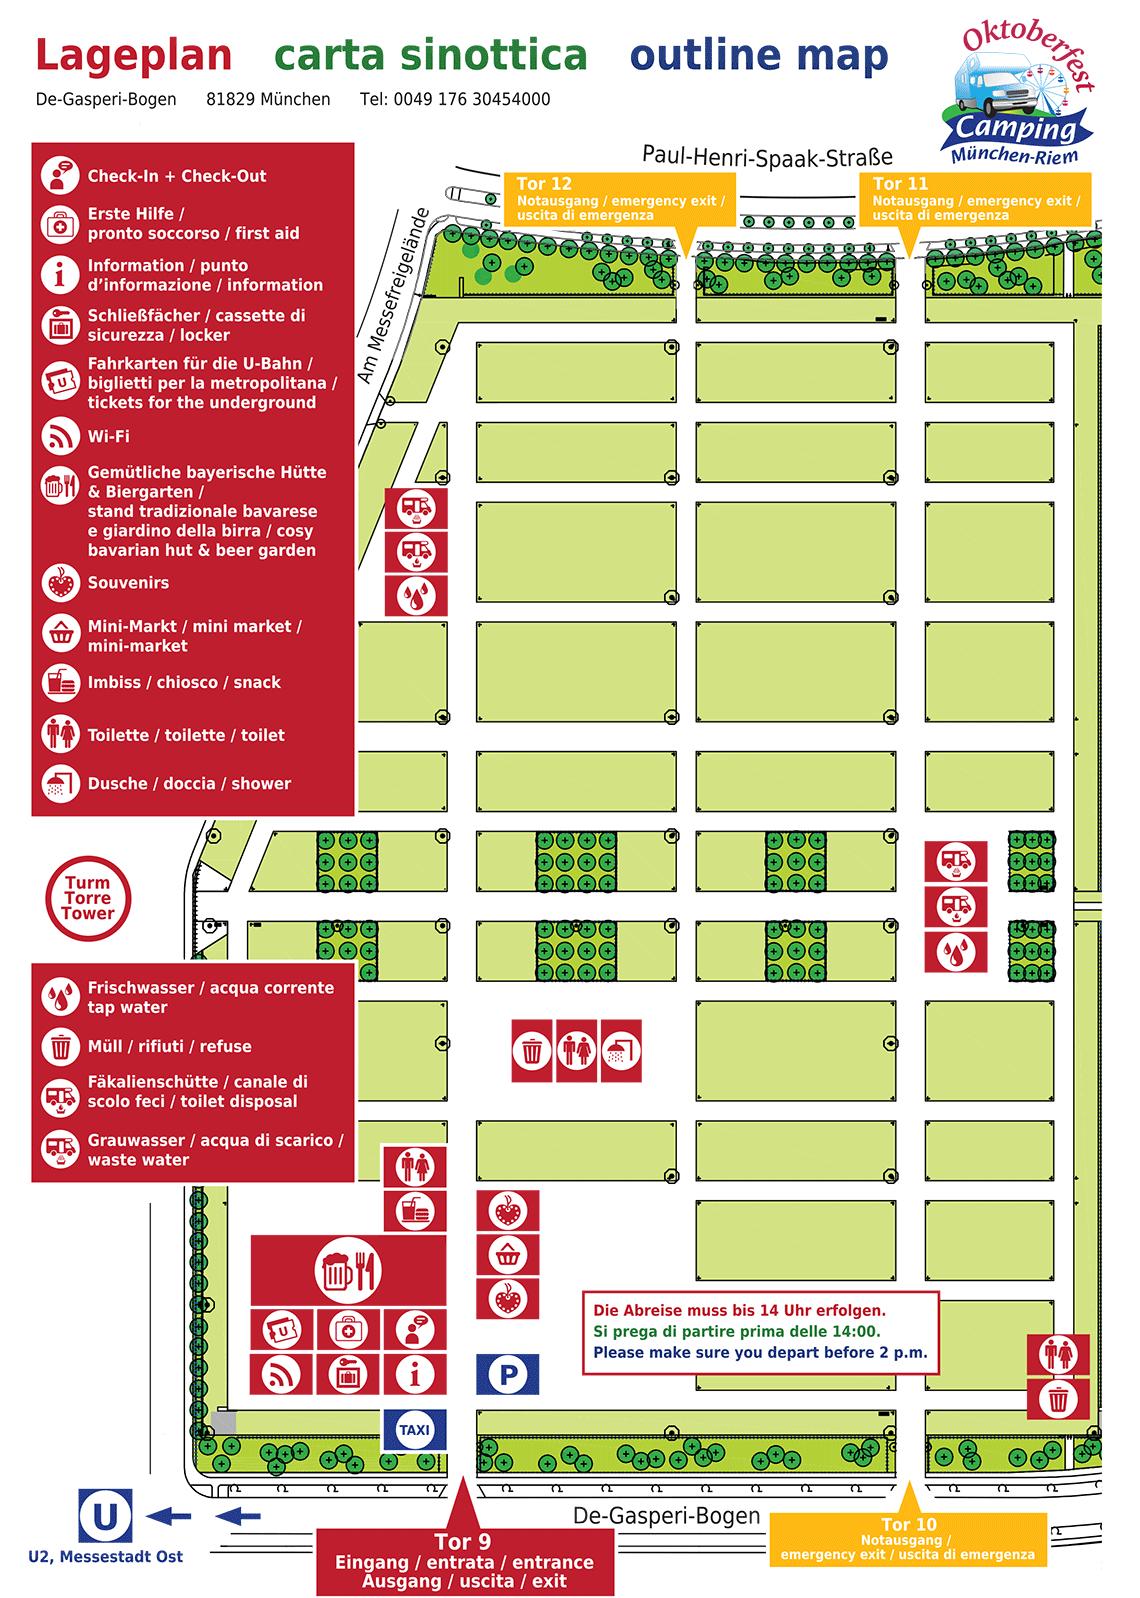 Lageplan Oktoberfest-Camping München-Riem